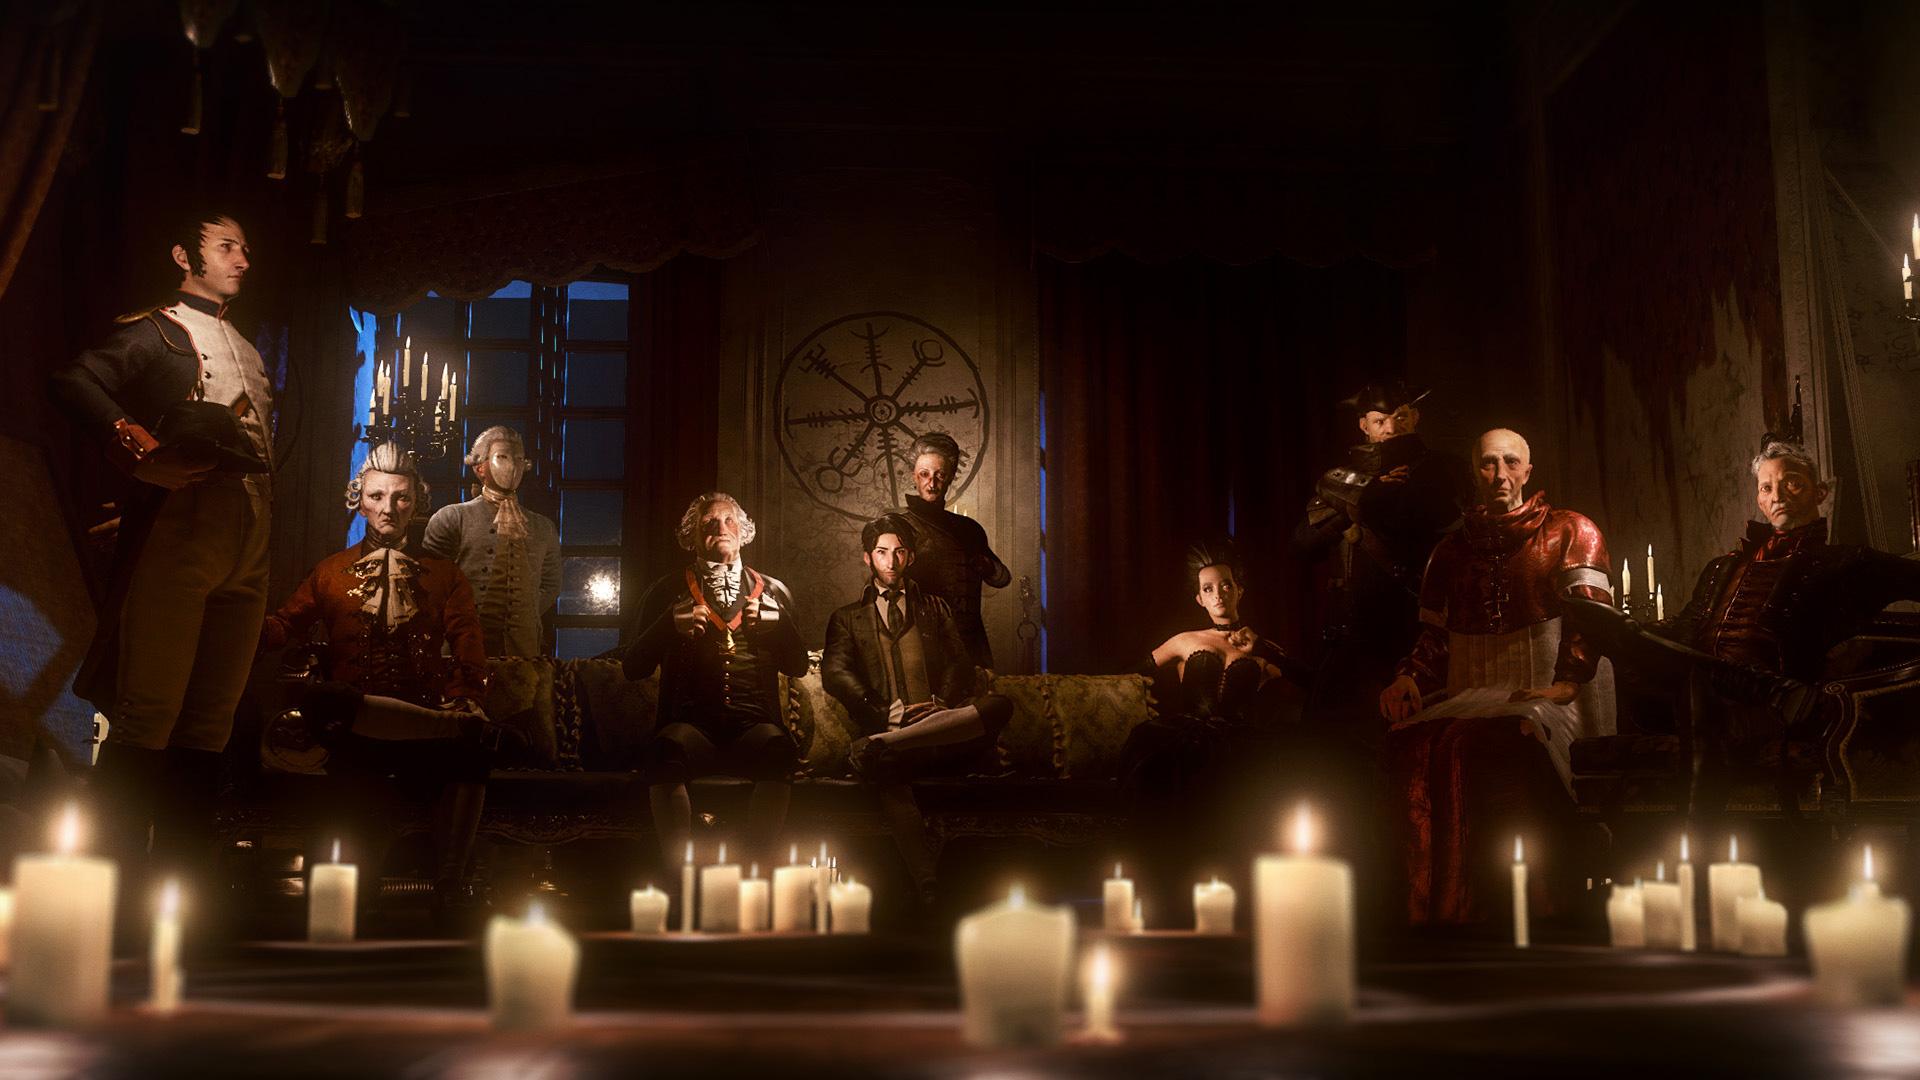 The-Council_Image-01_NoLogo